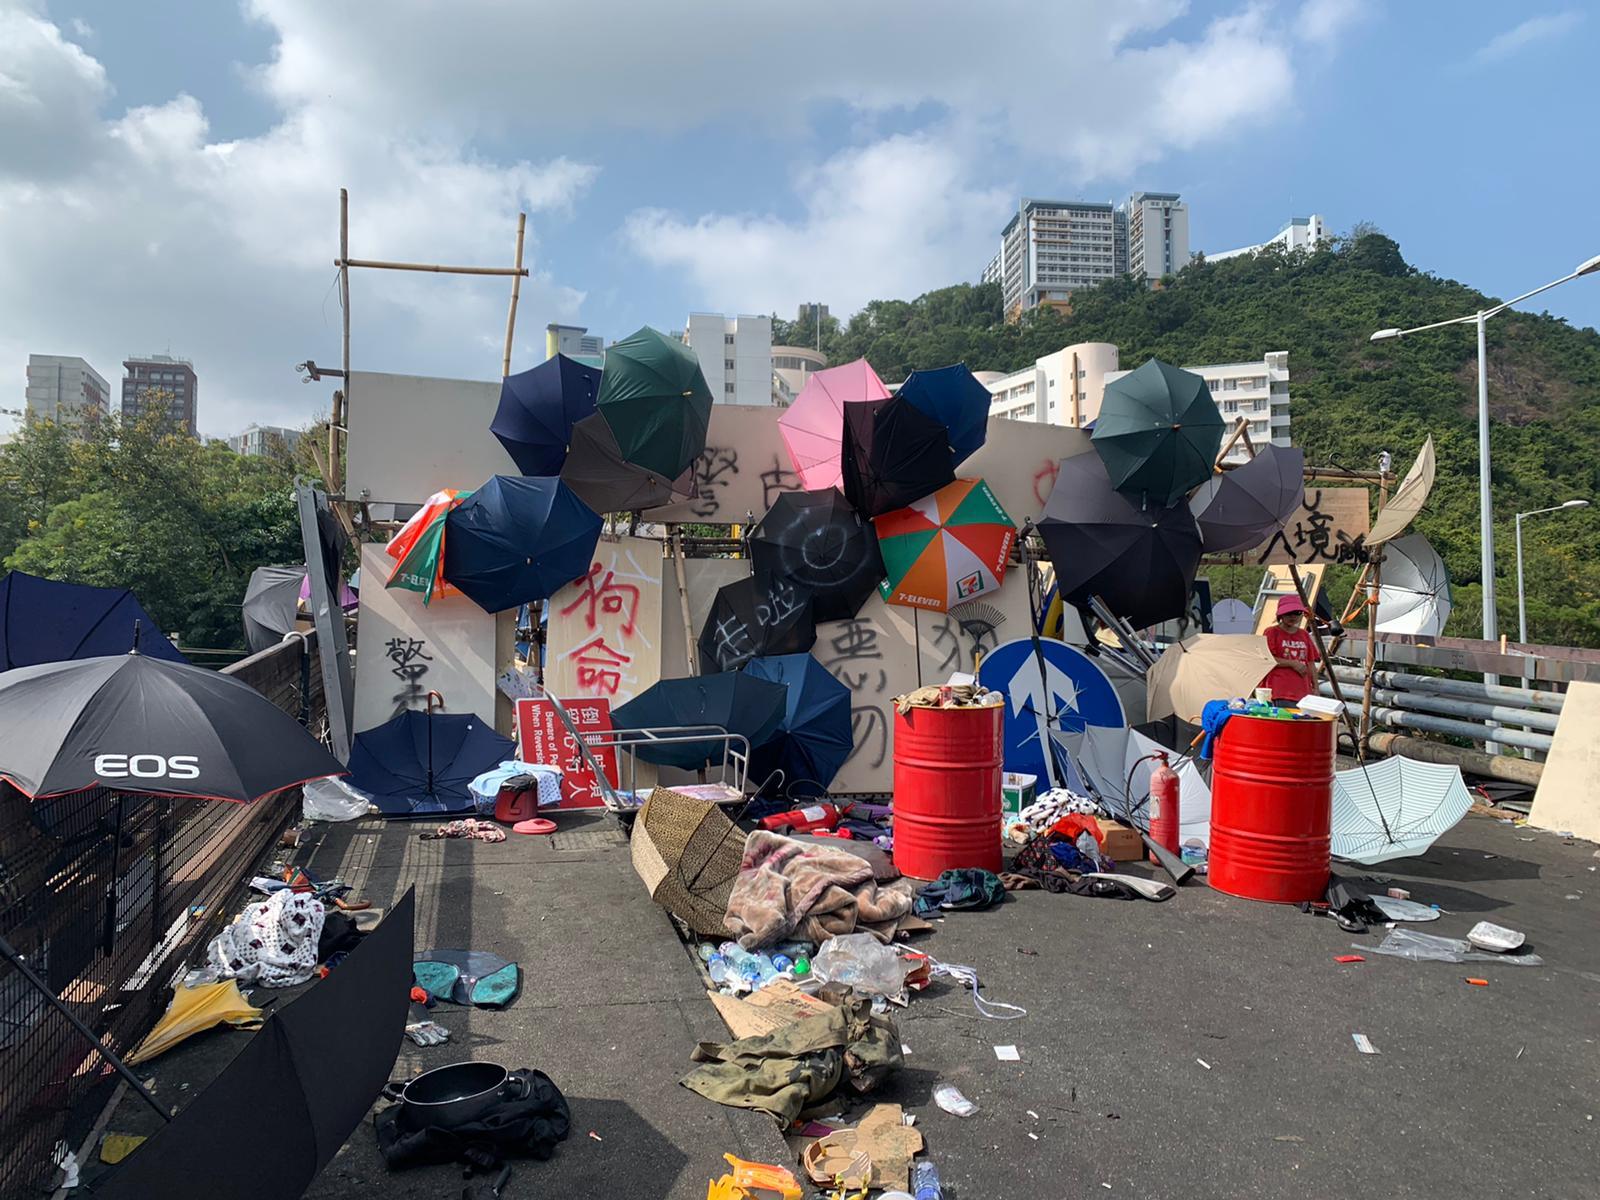 【大三罢】连场示威后中大校园一片狼藉 遍地垃圾